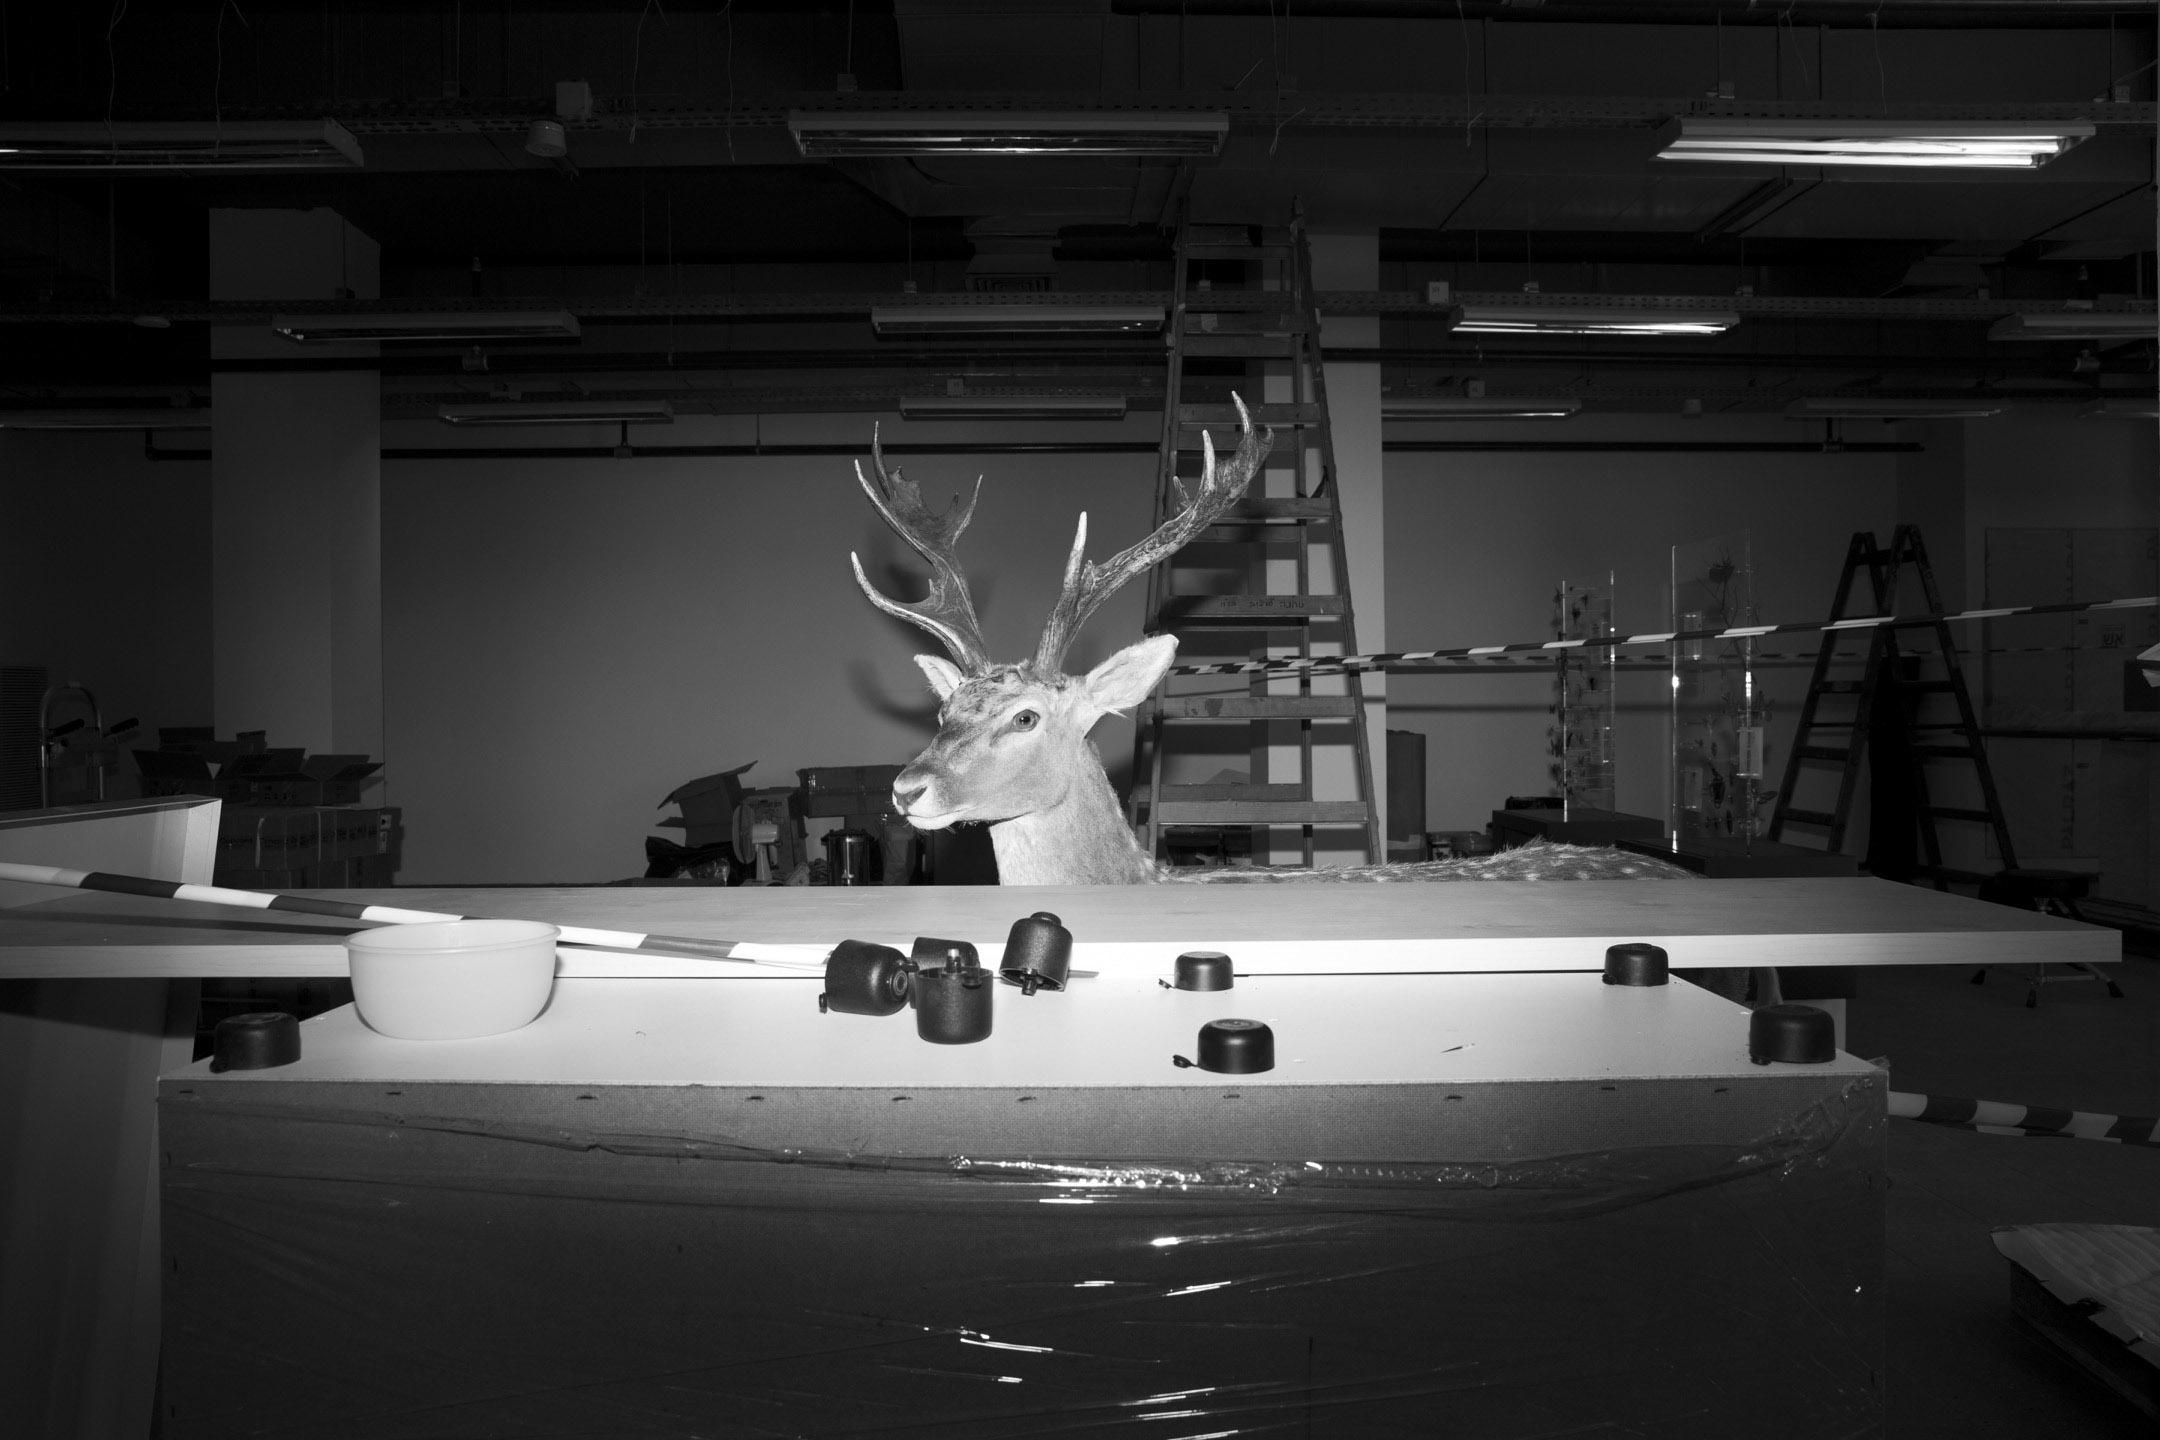 一個鹿子標本正等候被搬運到展覽位置。